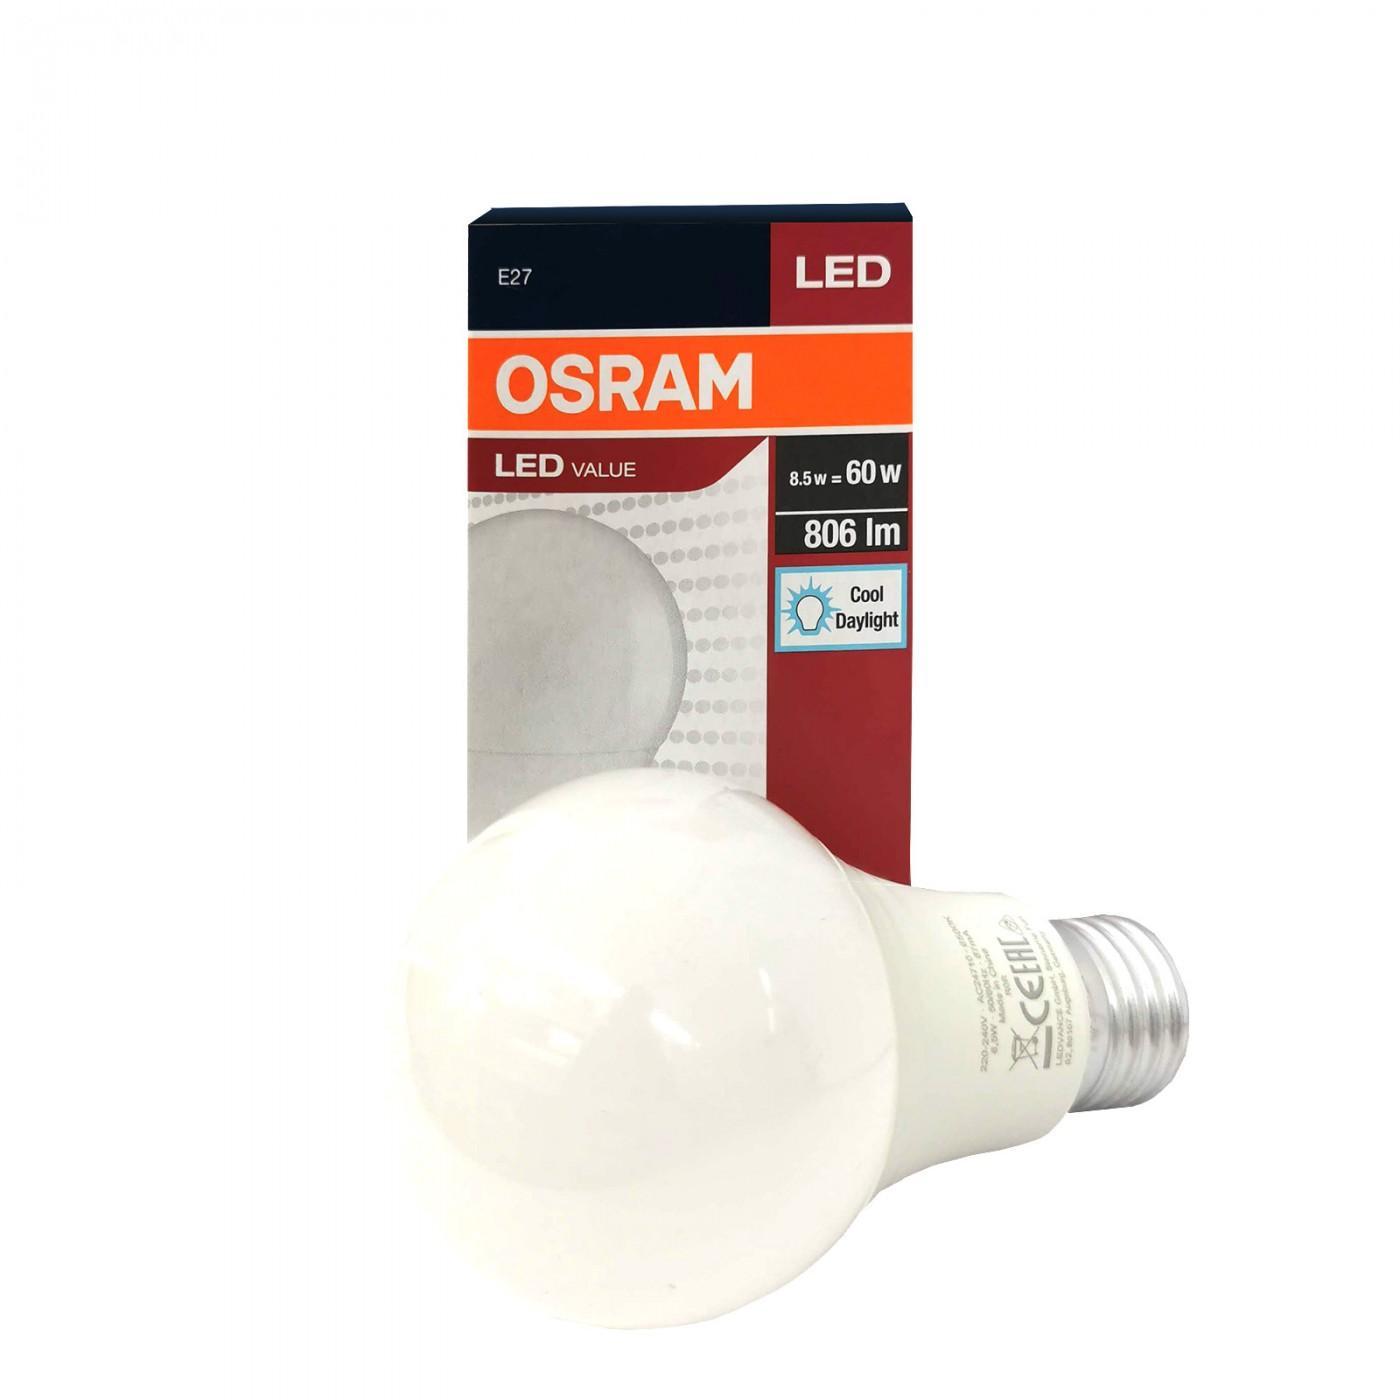 Value Classic 8.5W E27 4000K A60 FR OSRAM Lighting